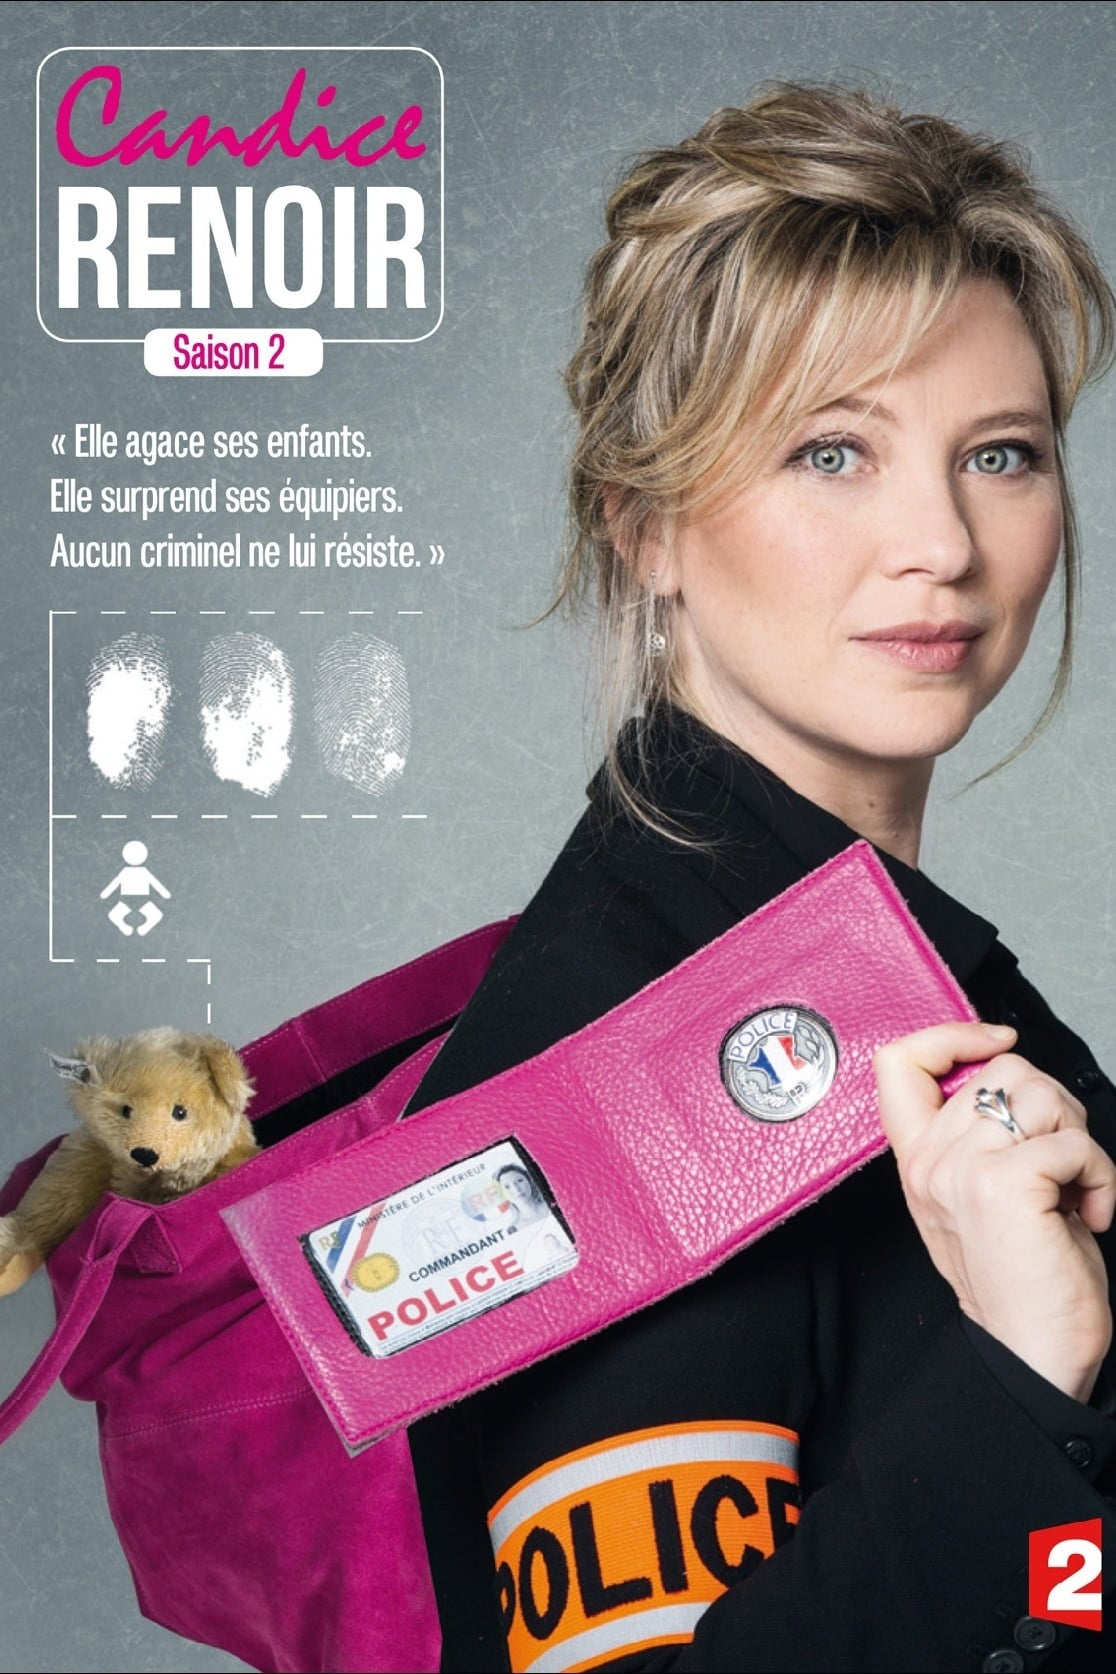 Candice Renoir Saison 7 Episode 4 Streaming : candice, renoir, saison, episode, streaming, Season, Candice, Renoir, (2013)